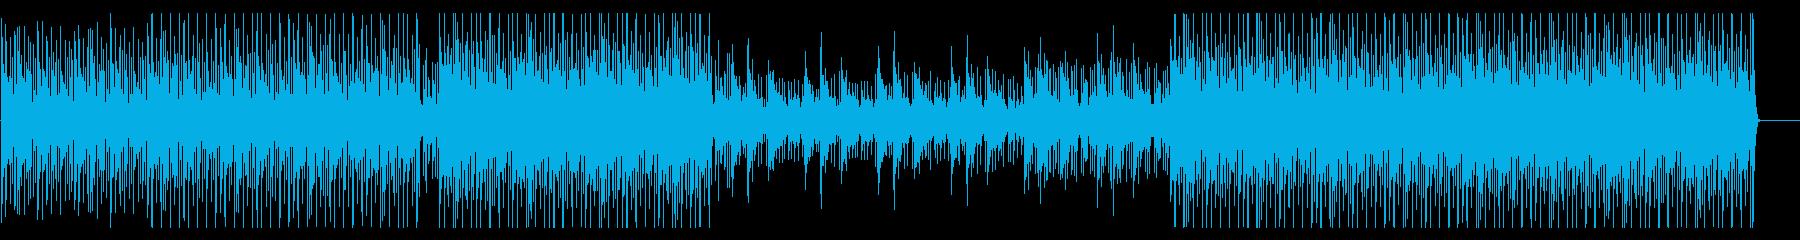 【メロ抜き】夏 トロピカル 明るい 軽快の再生済みの波形